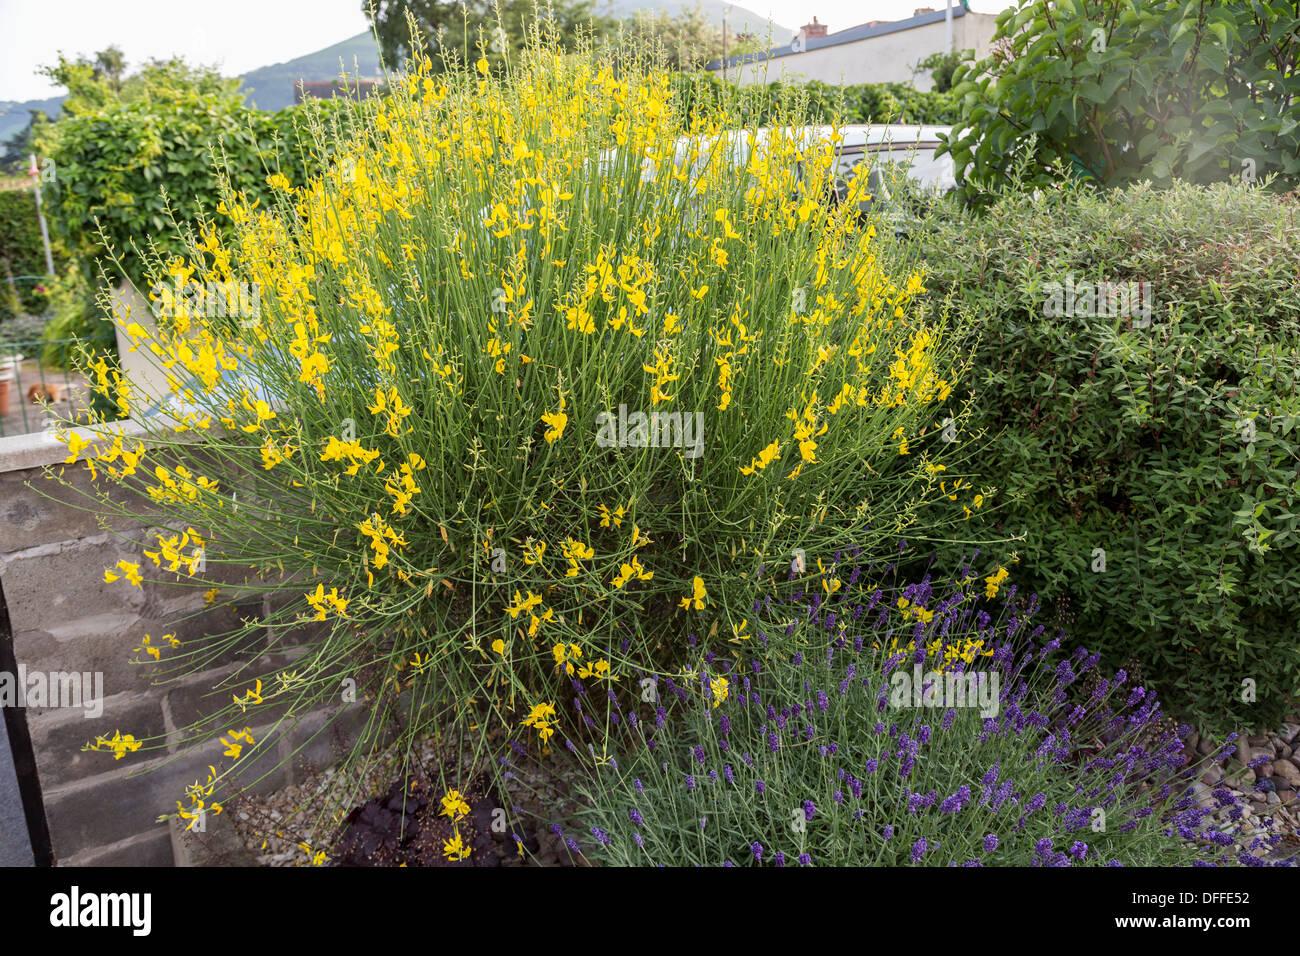 Gemeinsamen Ginster Strauch Cytisus Scoparius, Sy Sarothamnus Scoparius wächst im Königreich Garten, Abergavenny Stockfoto